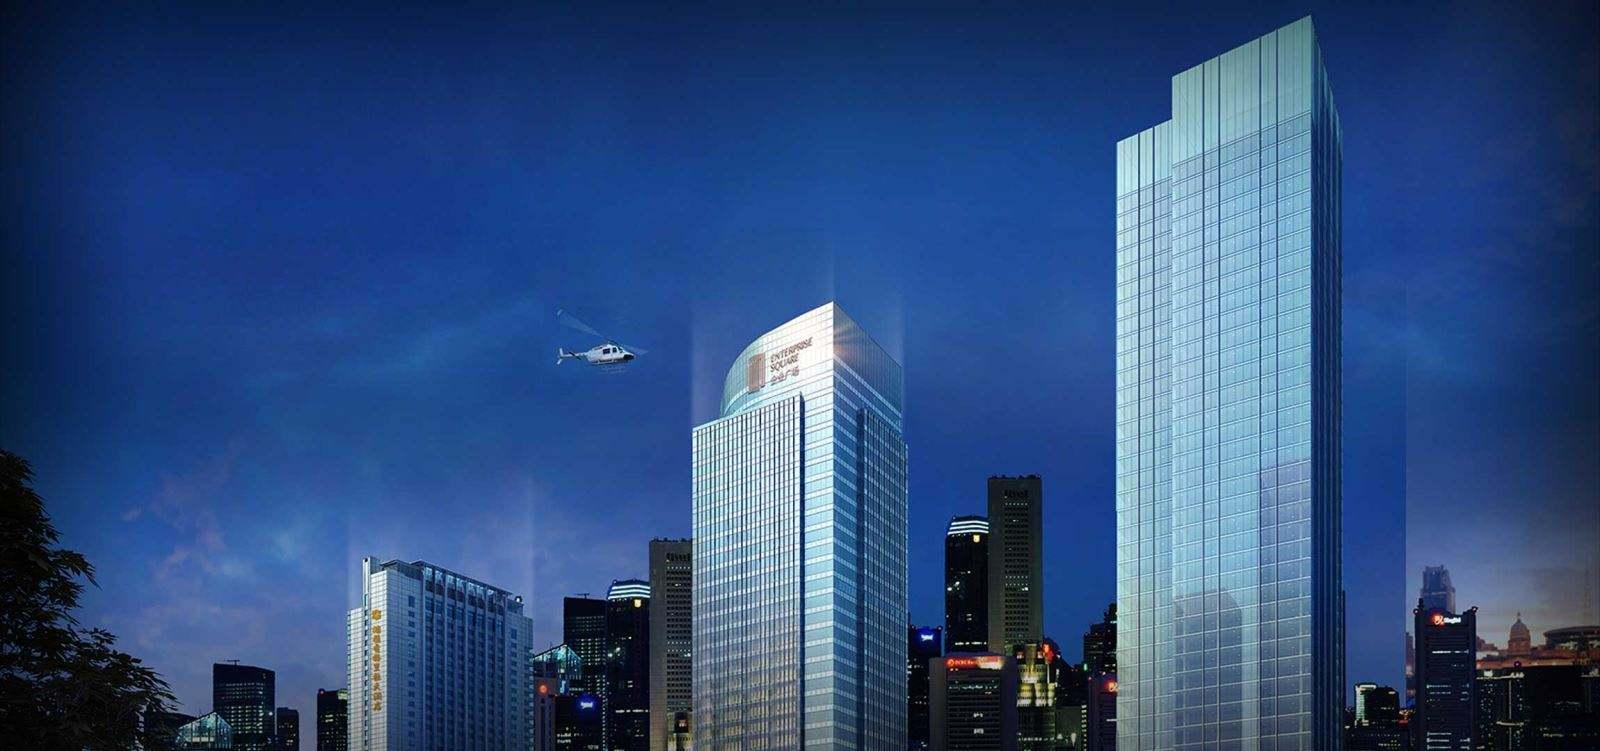 楼宇智能化经济发展 上下产业链迎大商机